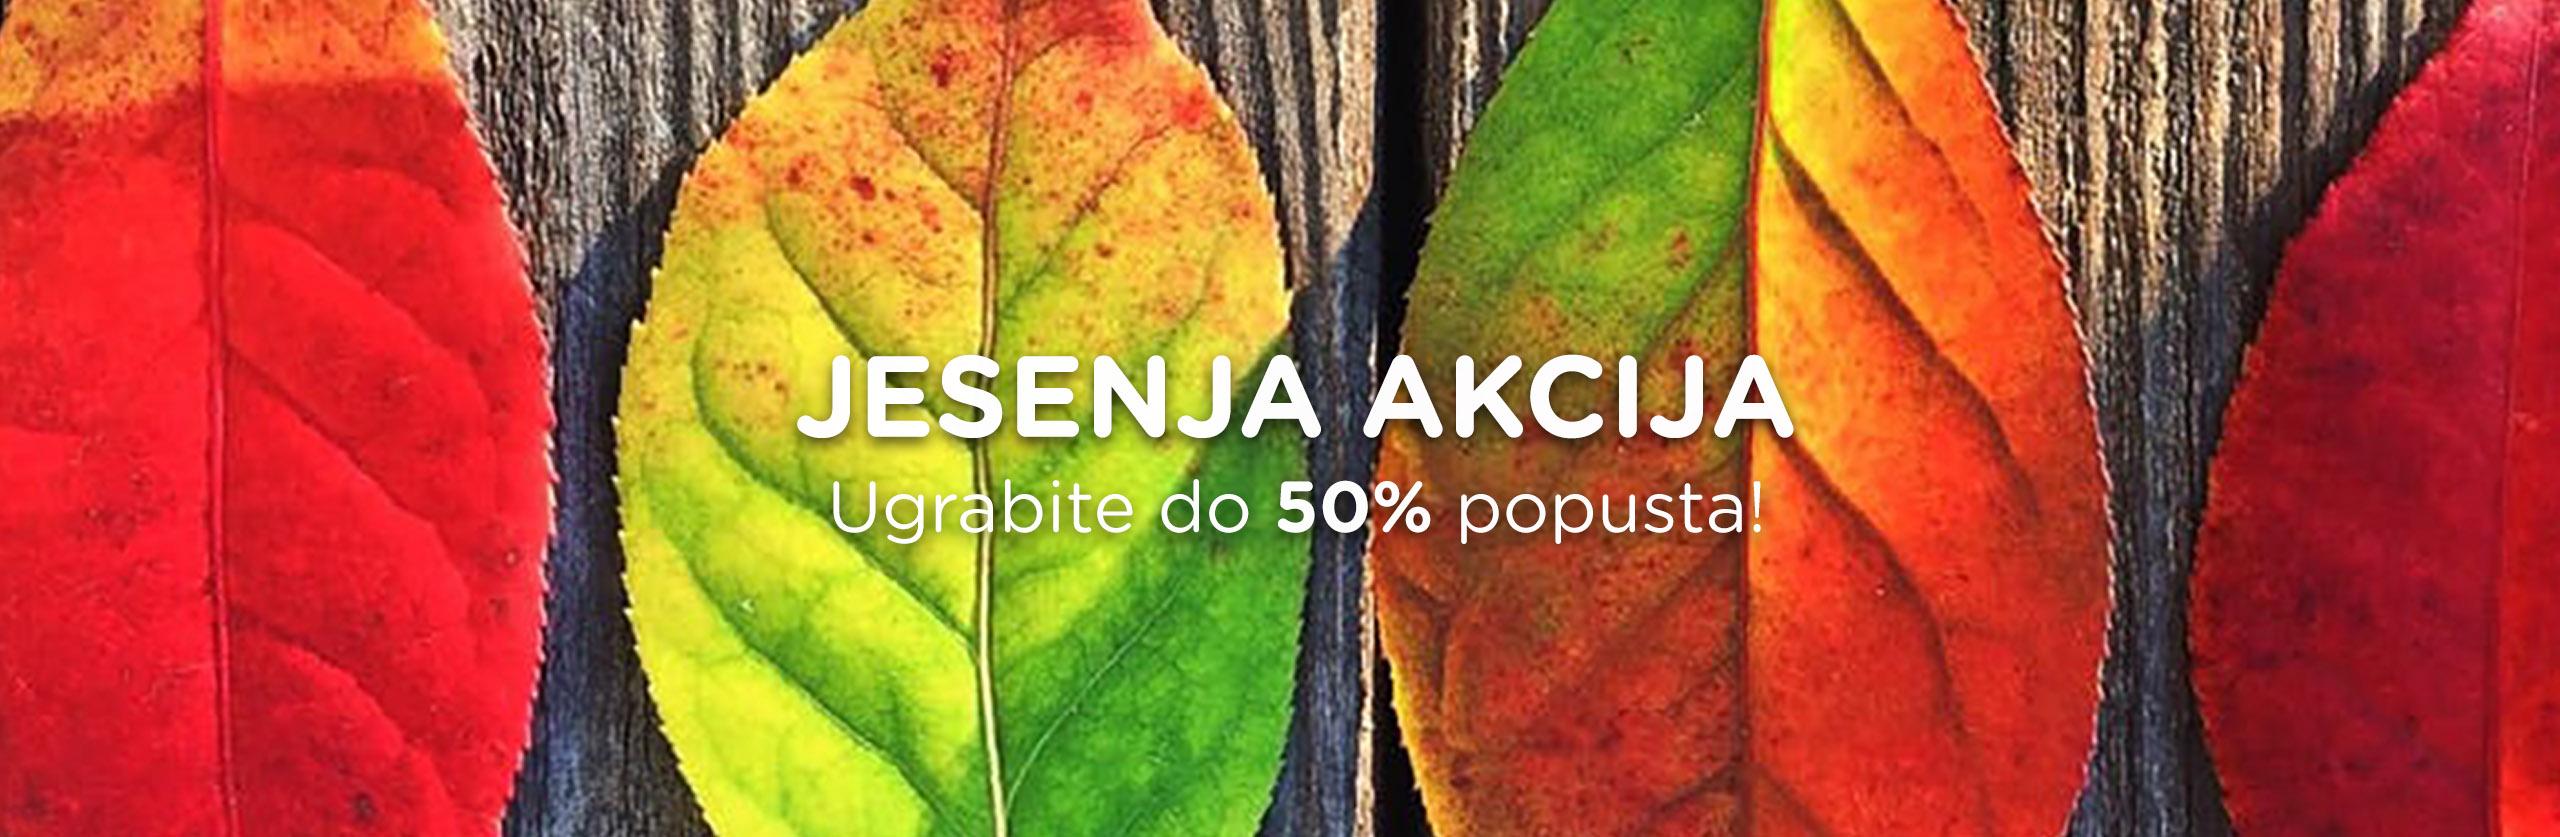 jesen_akcija_2